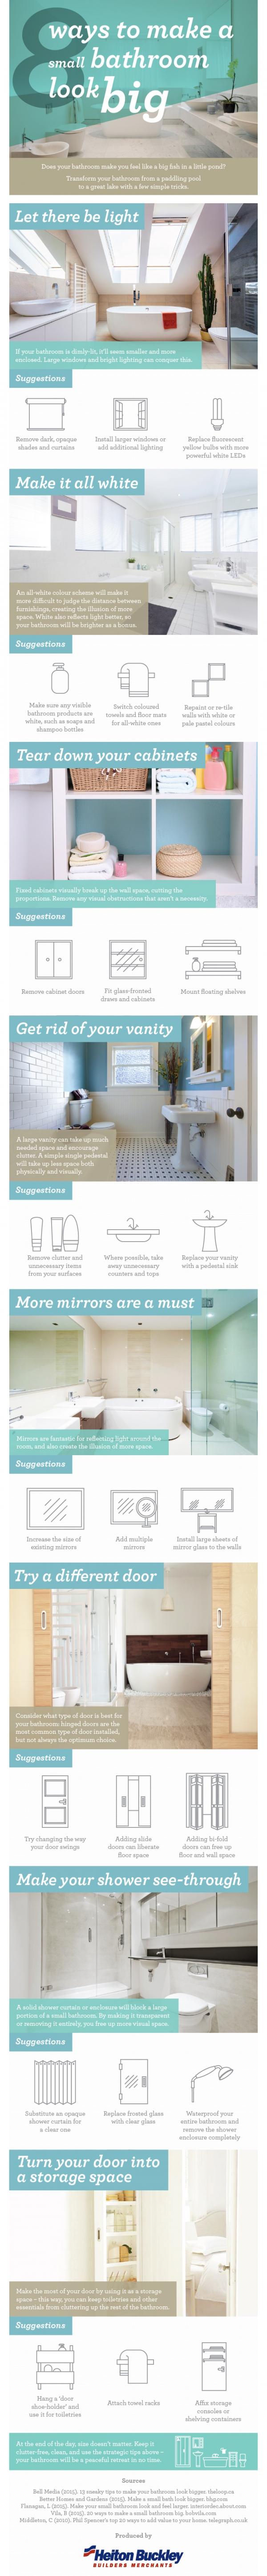 8-ways-to-make-a-small-bathroom-look-big.jpg